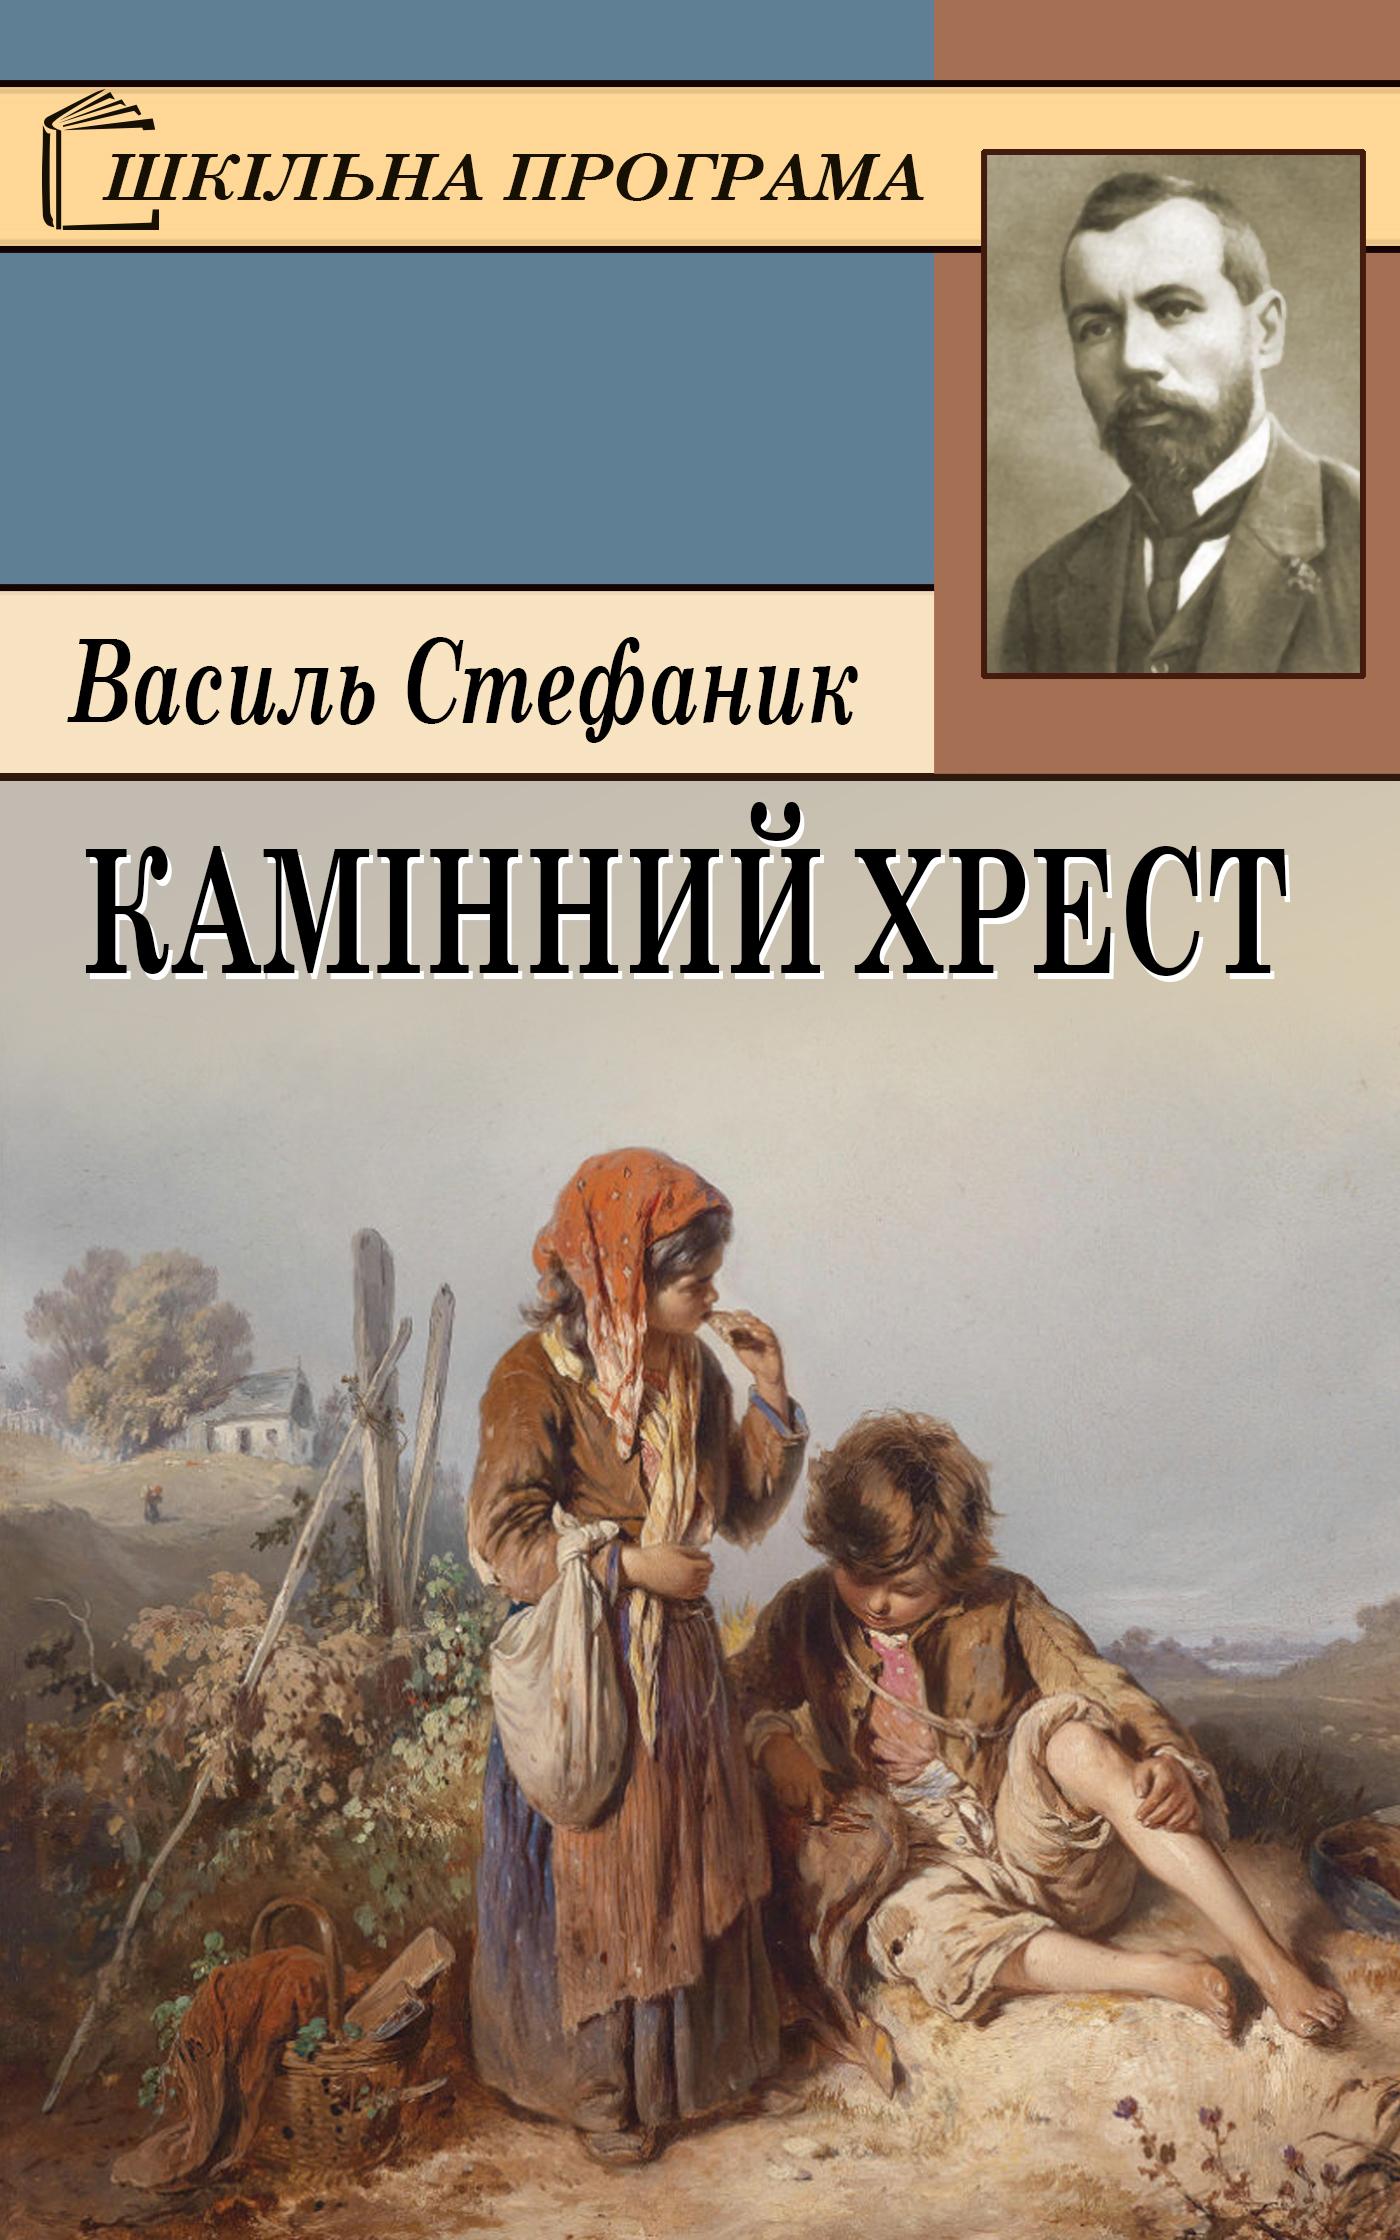 Скачать Василь Стефаник бесплатно Кам1110нний хрест